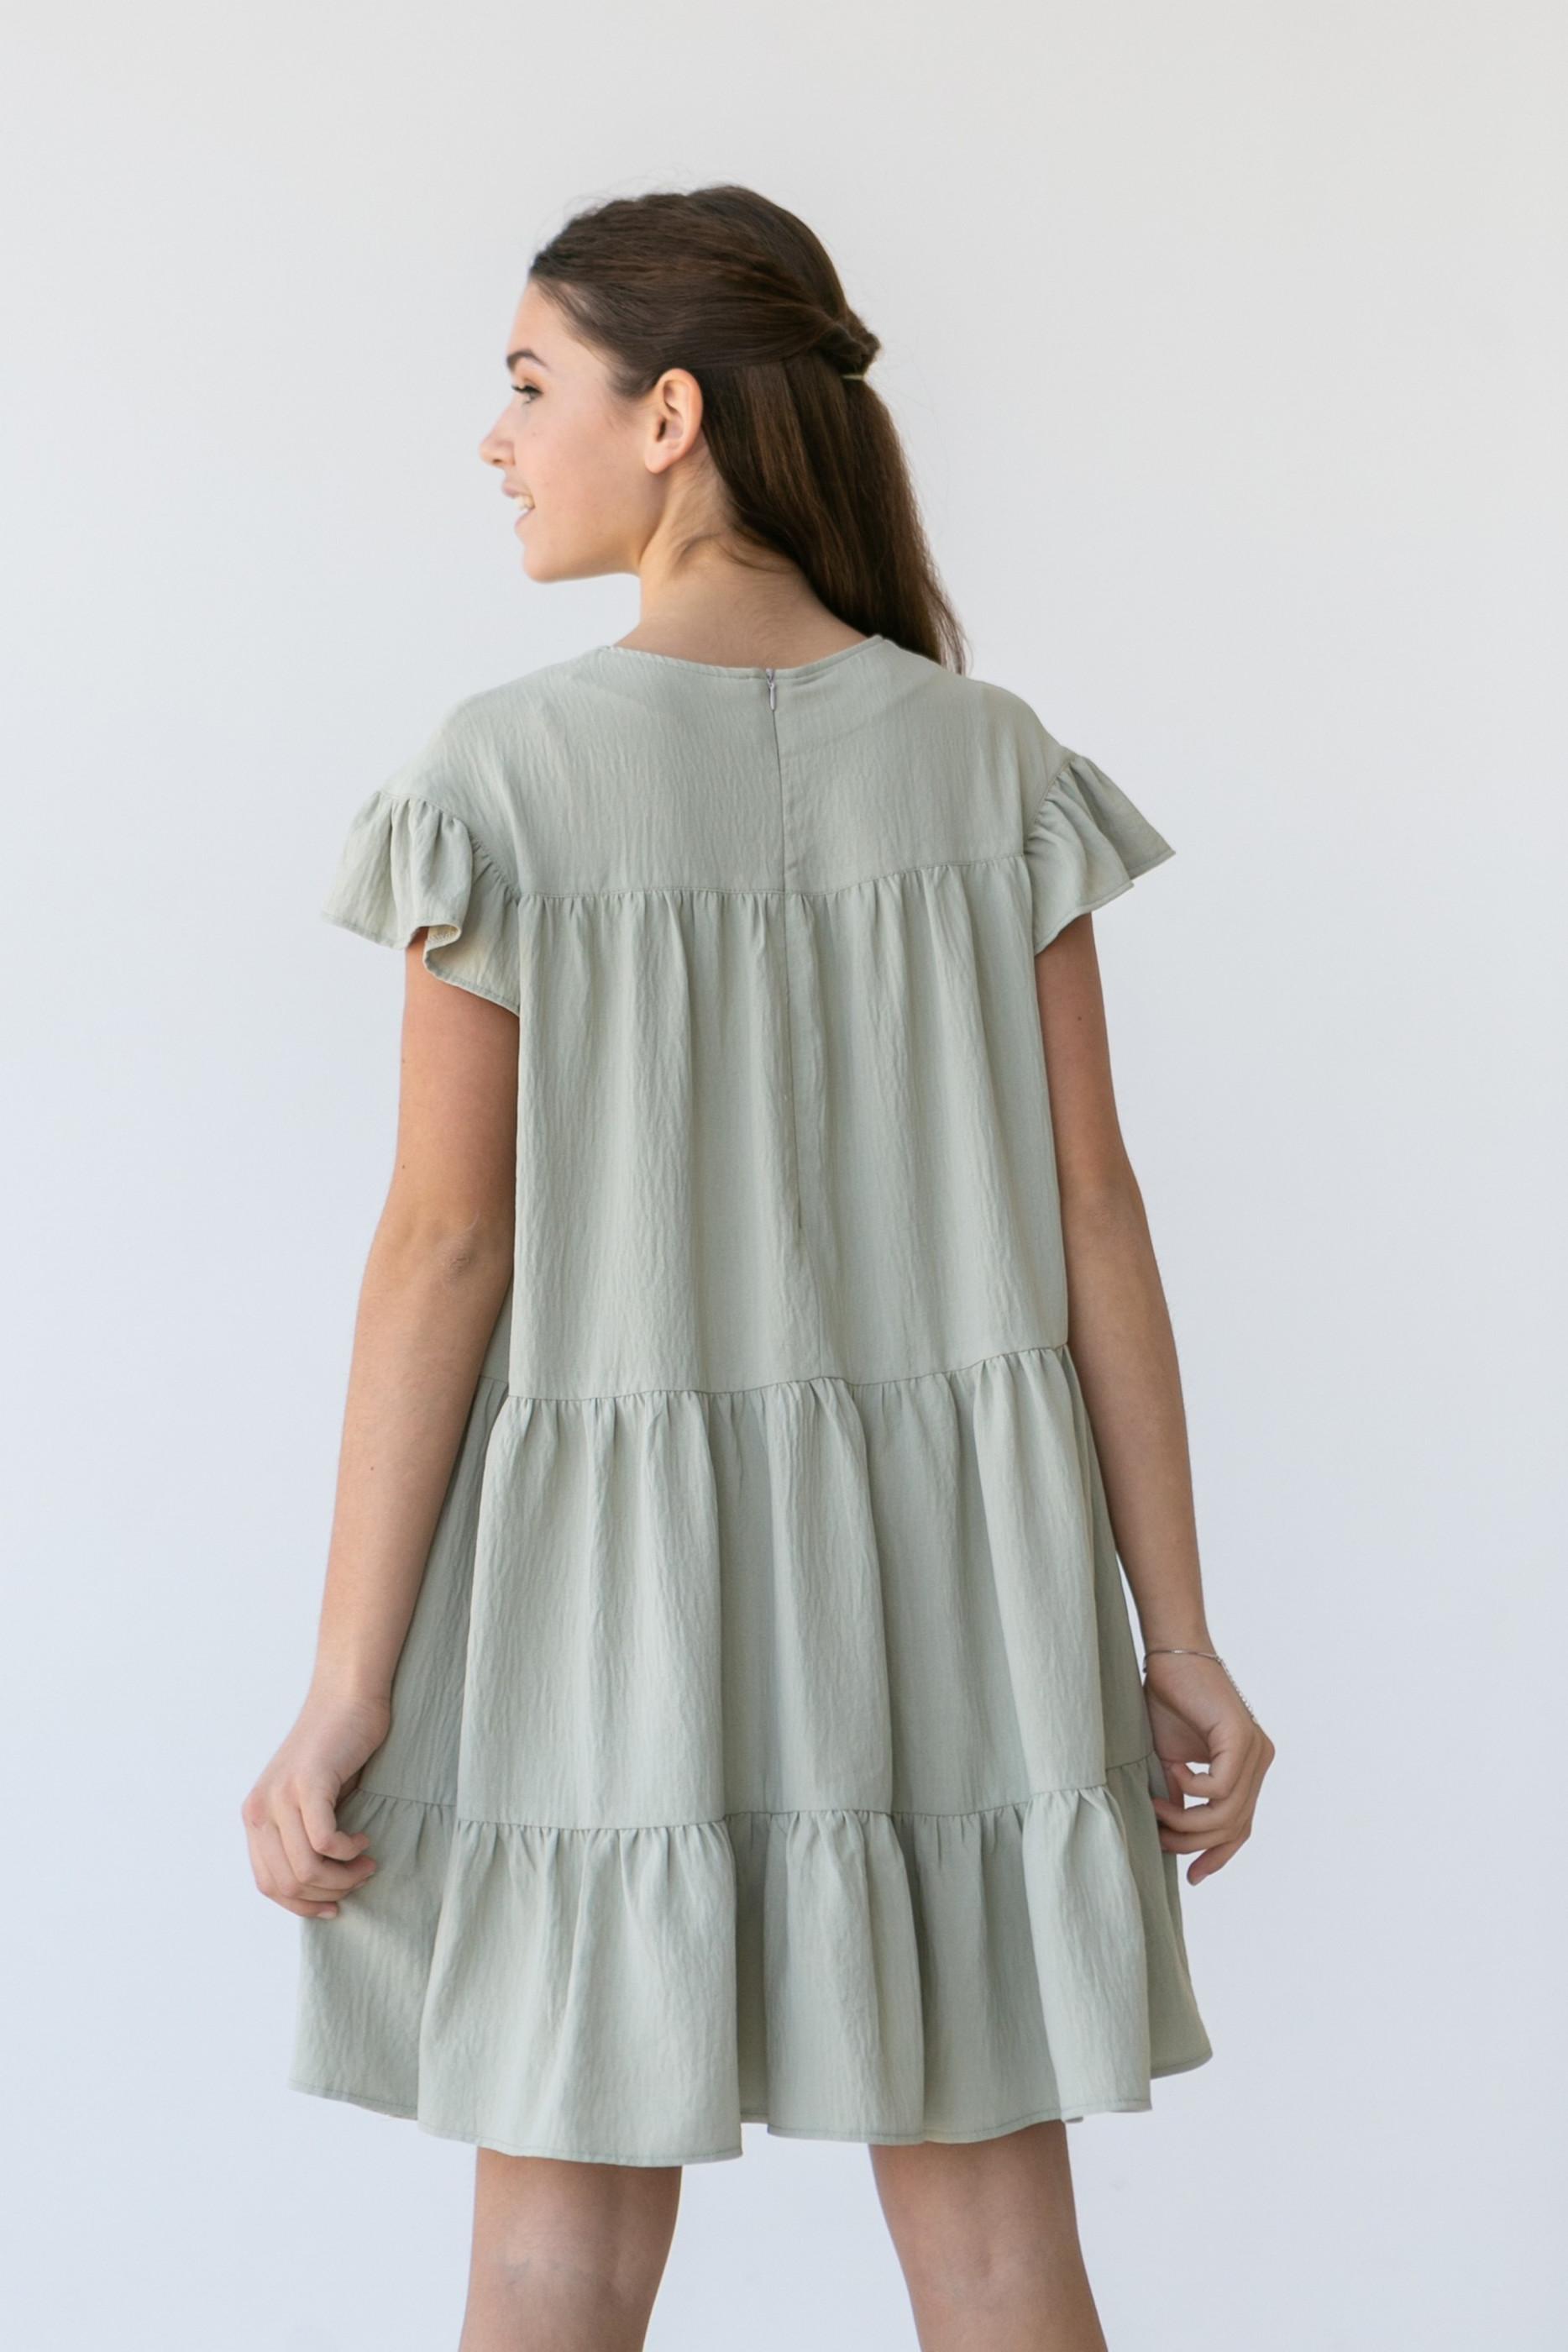 Плаття Емілія, фото №2